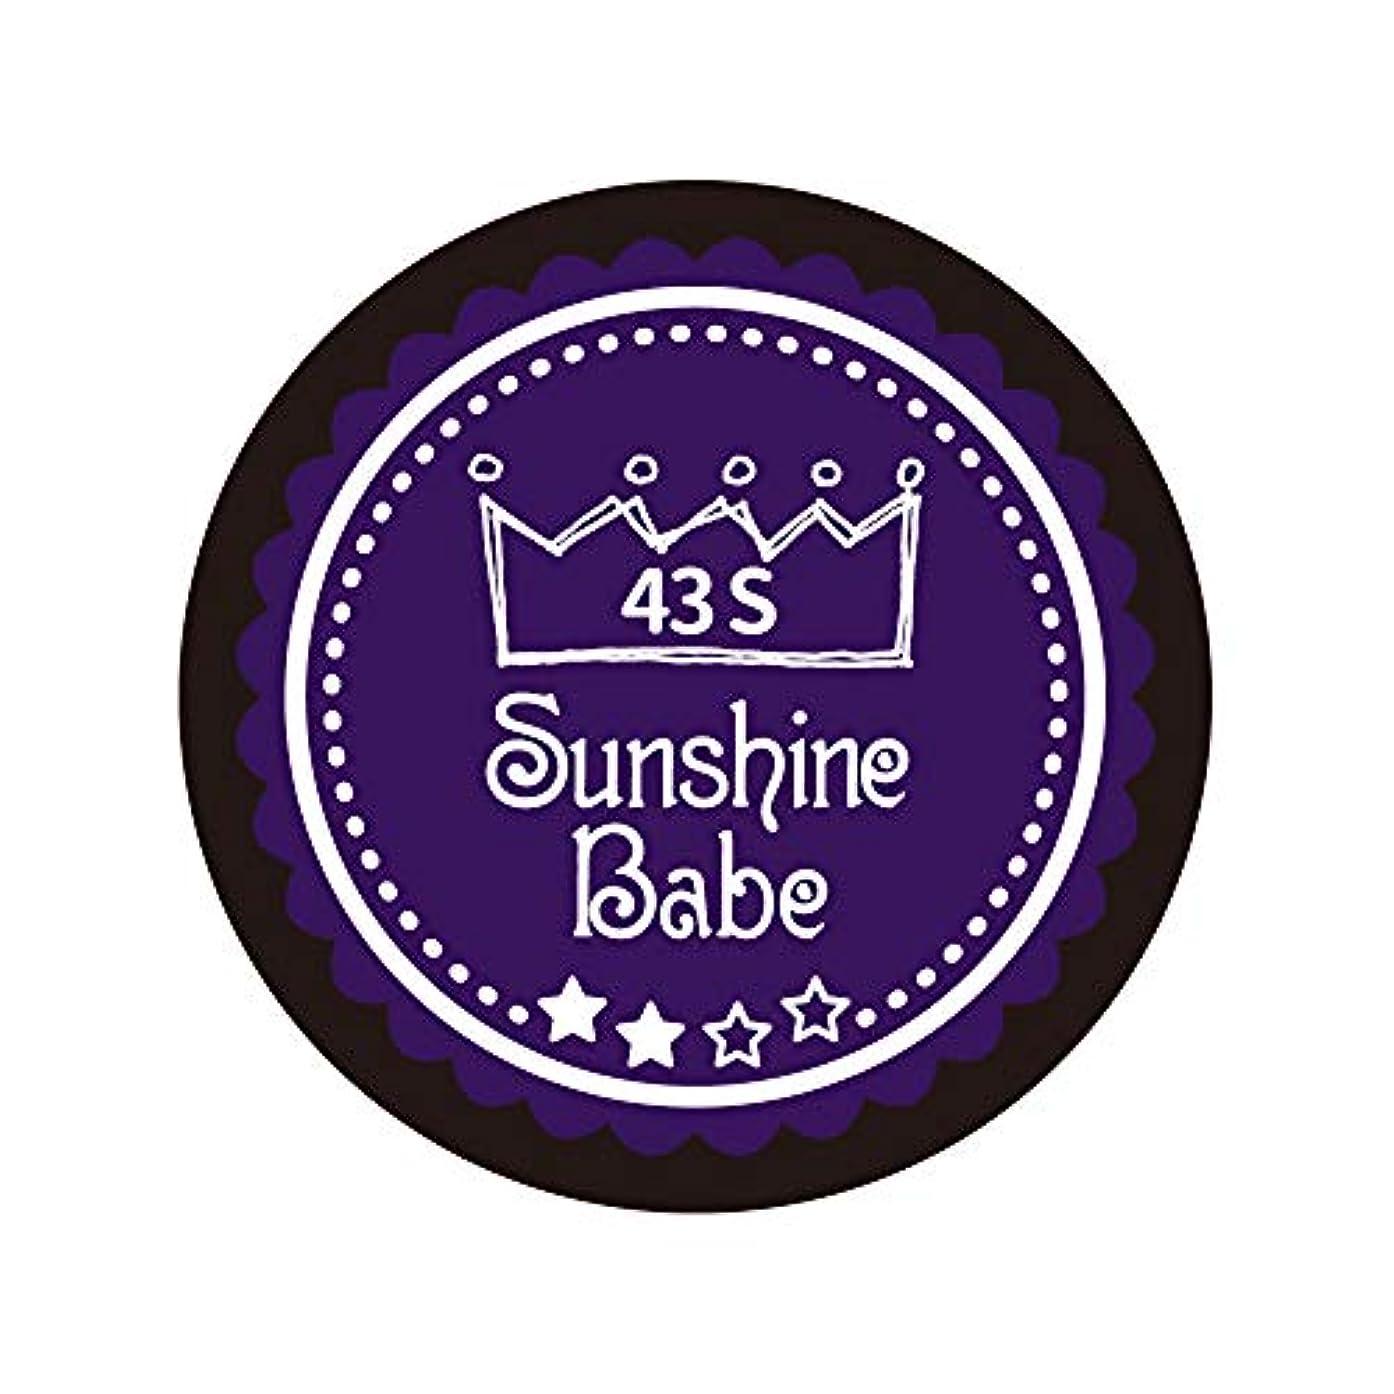 クレデンシャルピカリング競合他社選手Sunshine Babe カラージェル 43S オータムウルトラバイオレット 4g UV/LED対応